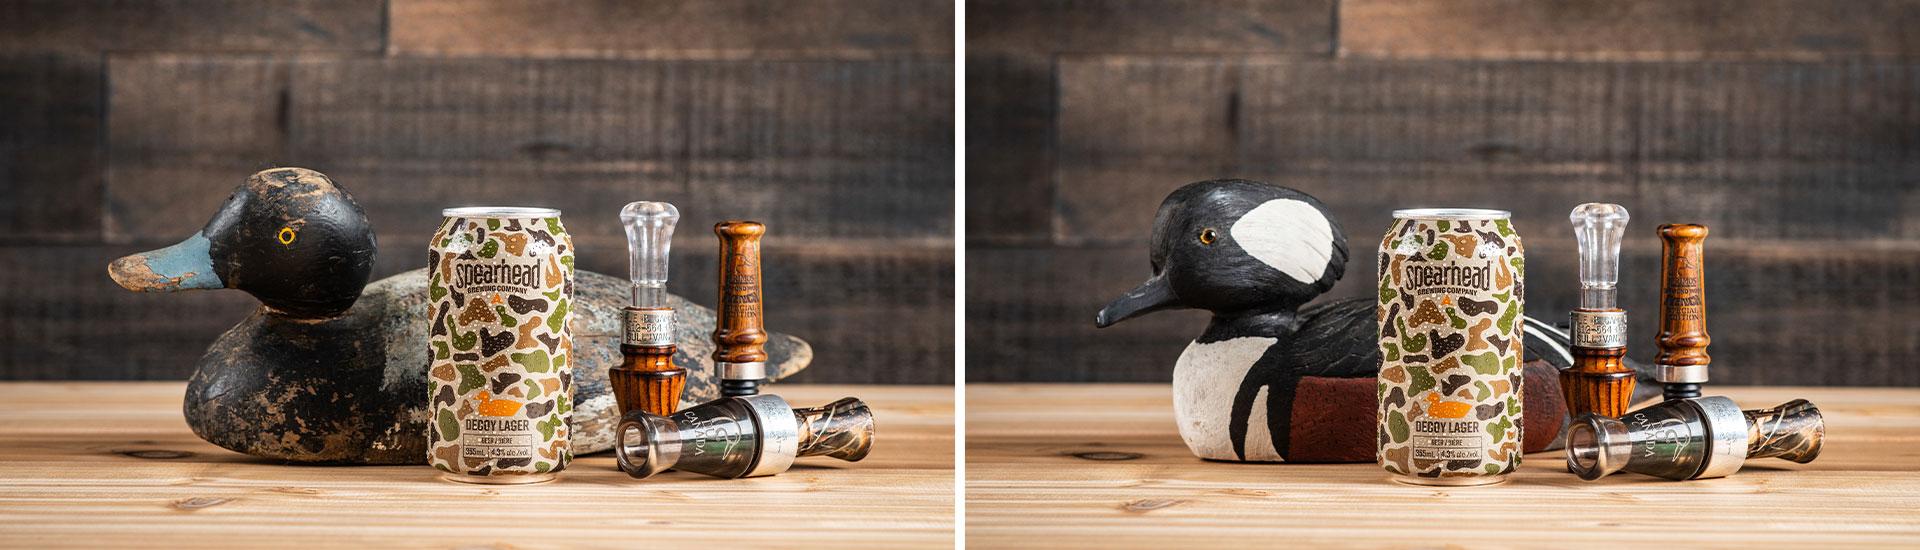 decoy-image-ducks-3